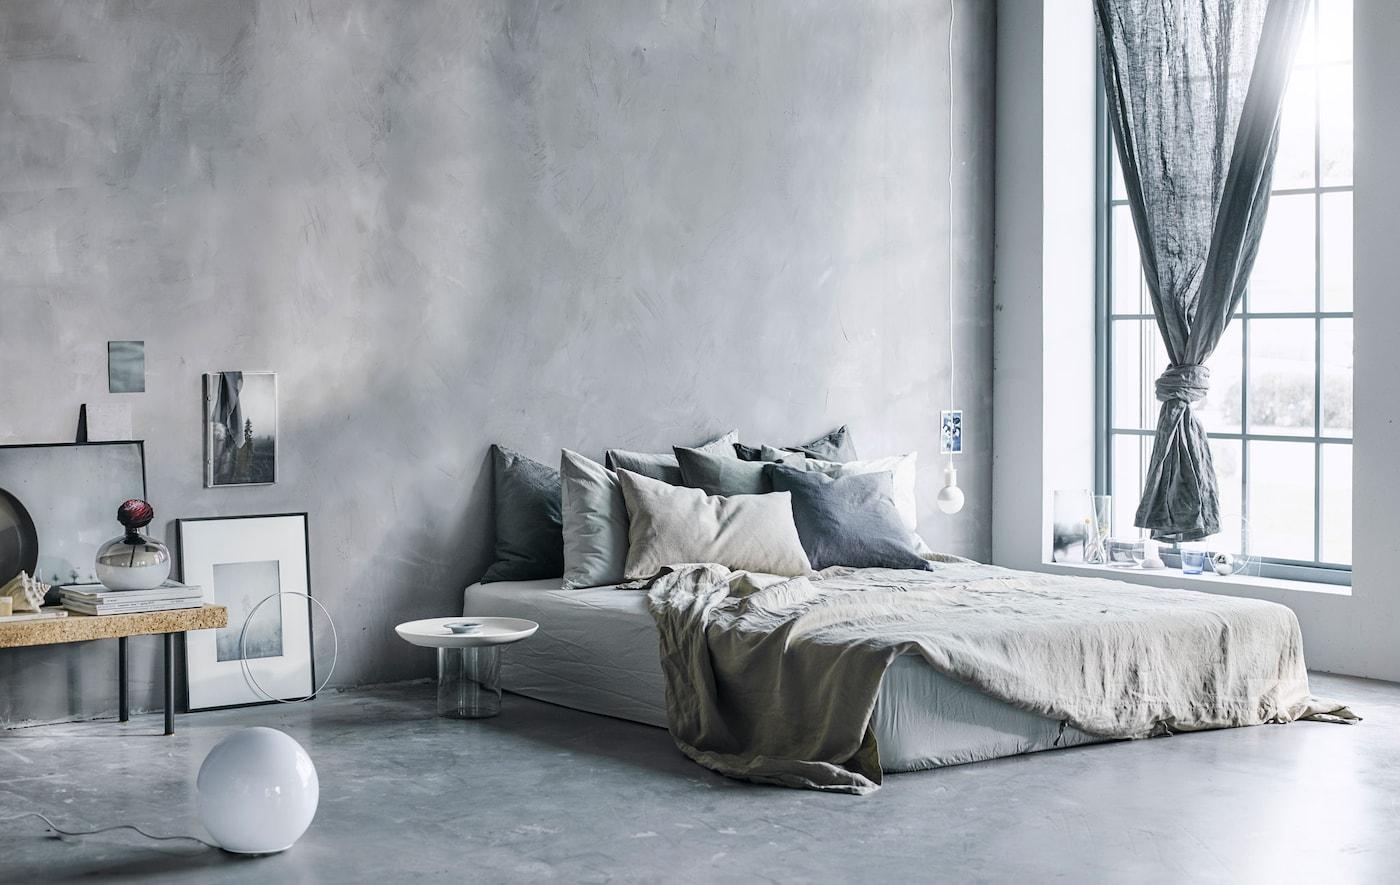 traumschlafzimmer stylische einrichtungsideen  ikea